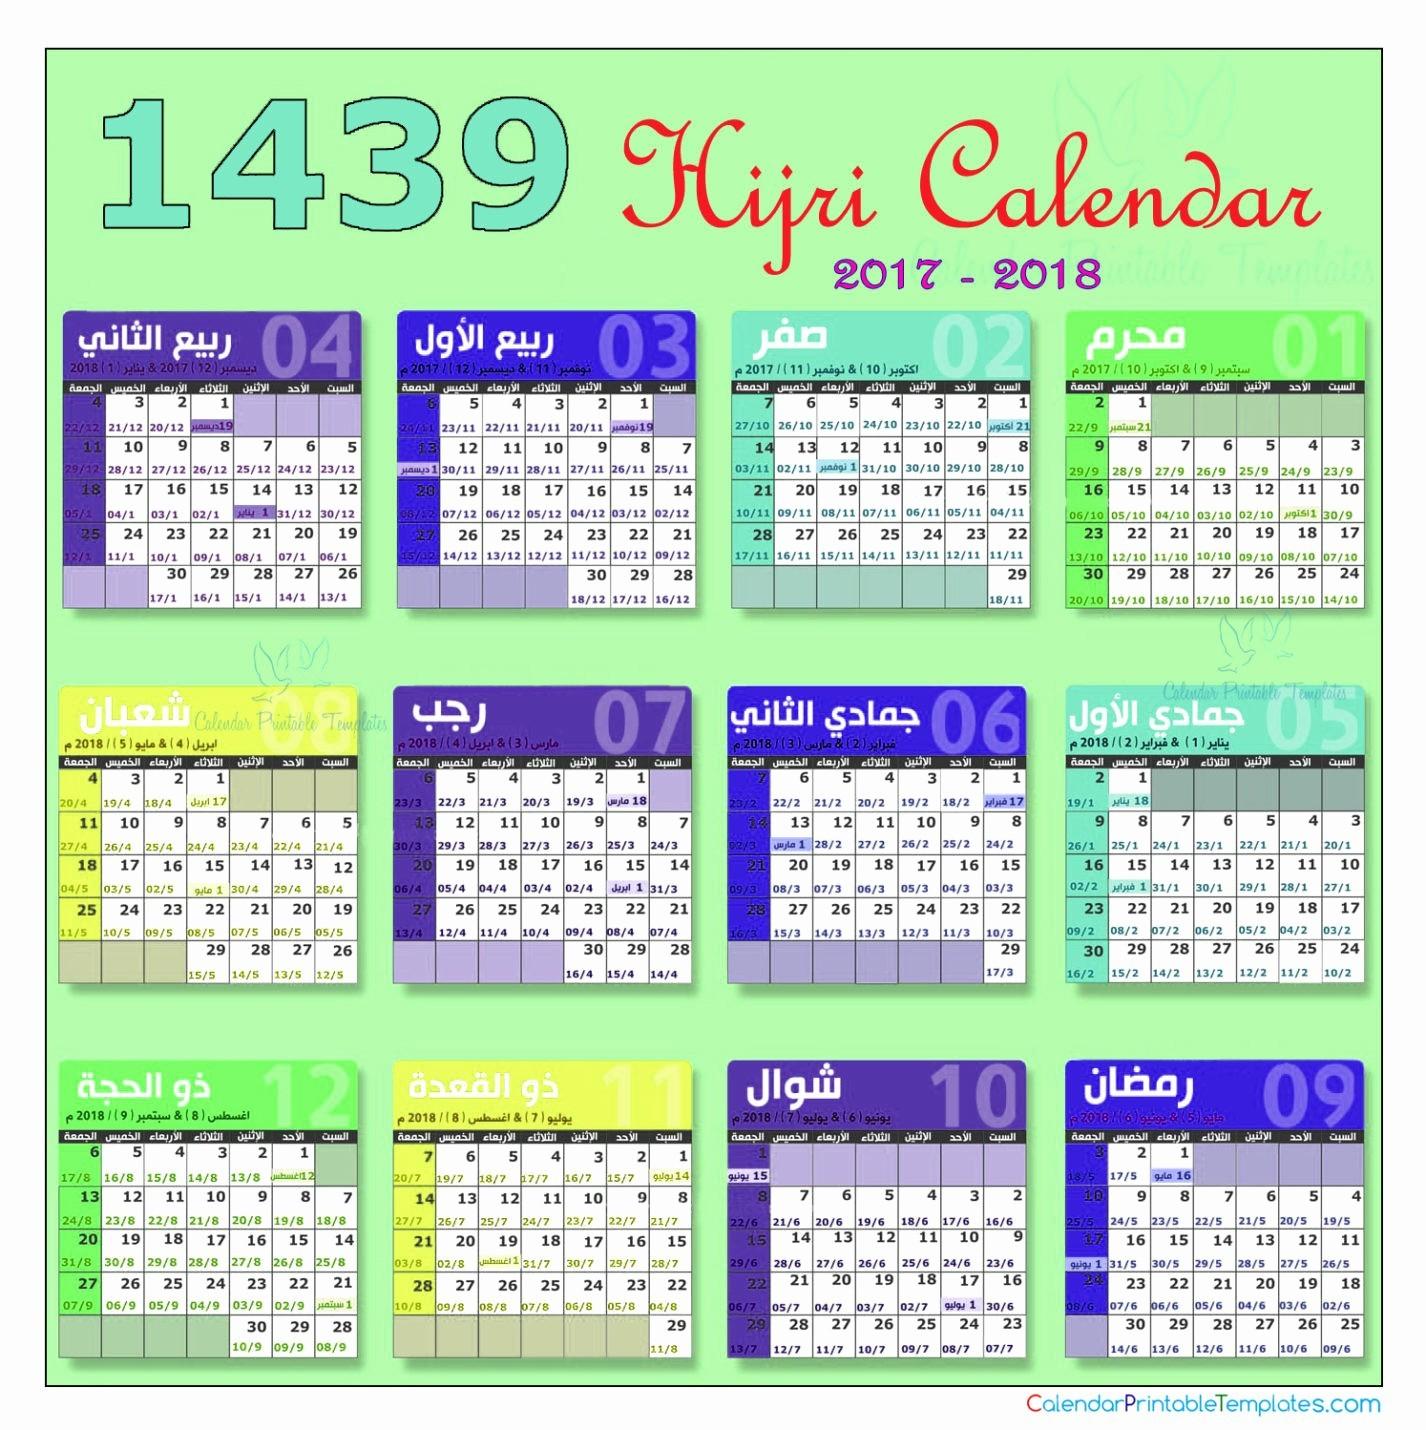 Islamic Calendar 2018 Usa islamic Calendar 2018 Usa Nasionalis Representation of kalender 2019 excel